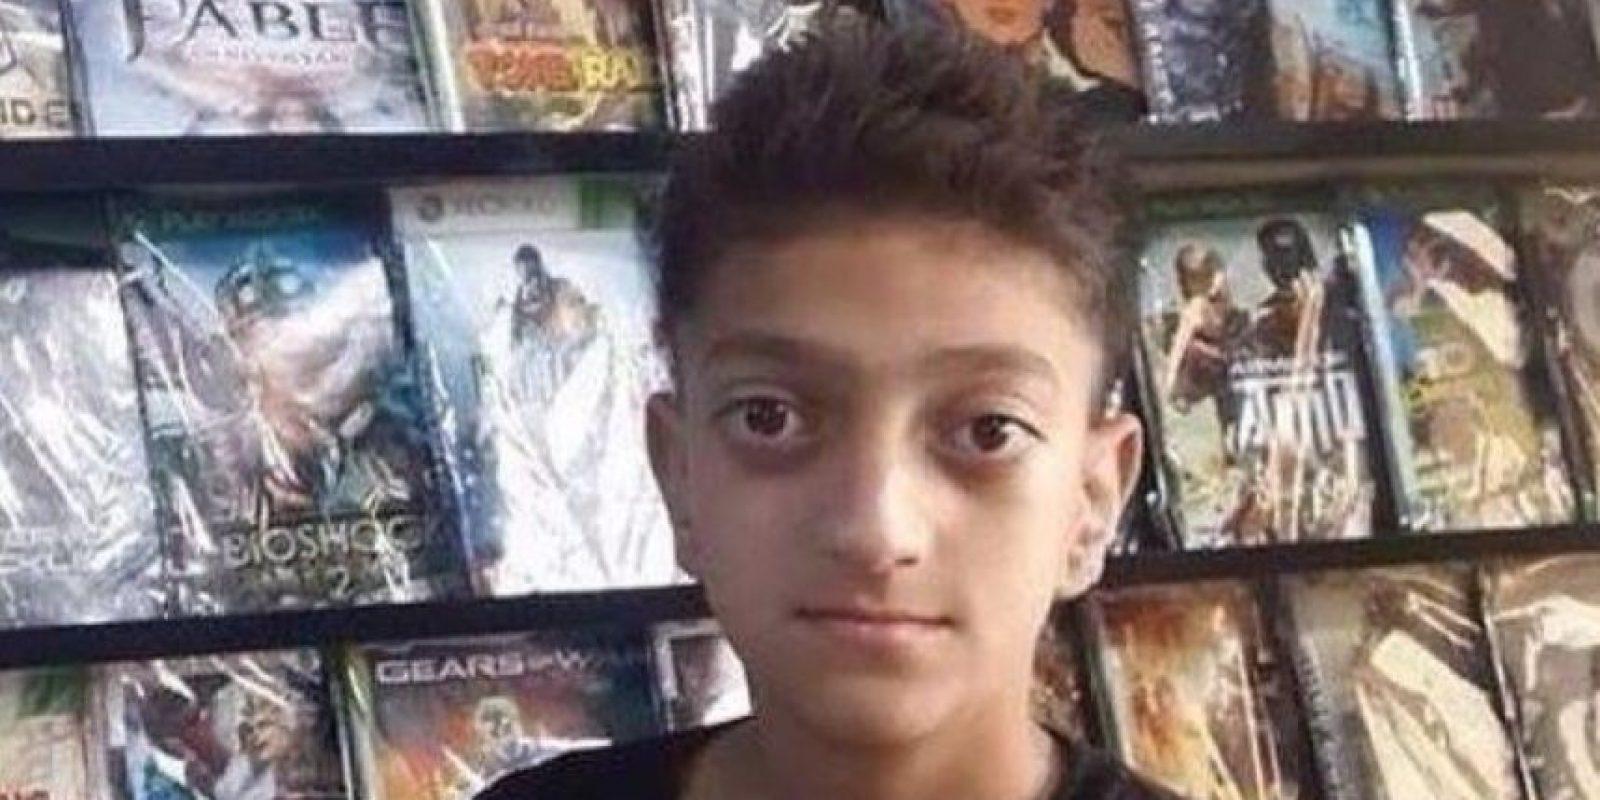 Le encontraron parecido con este niño Foto:Twitter